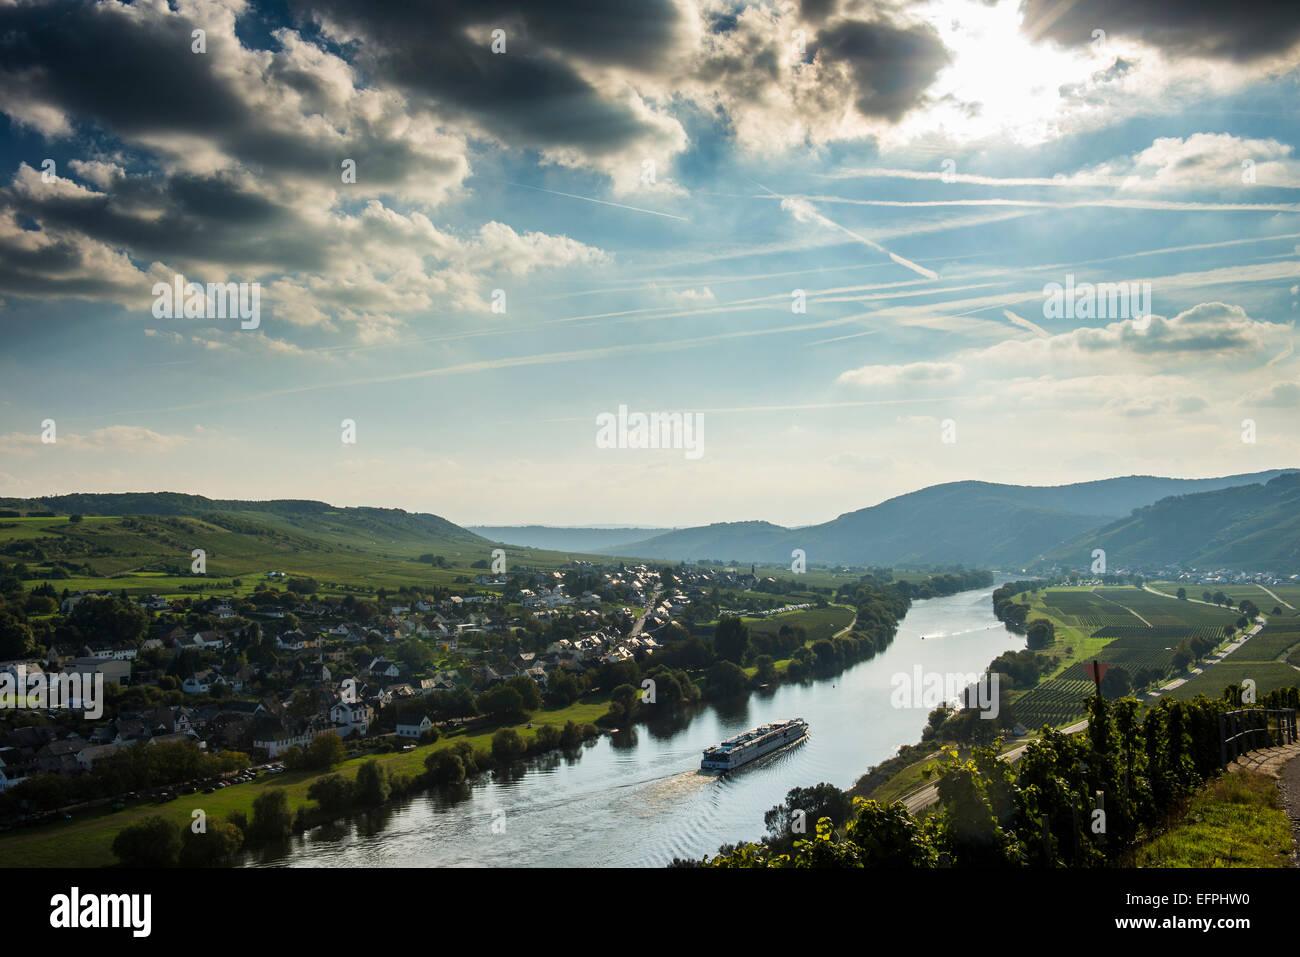 Kreuzfahrtschiff bei Gegenlicht an der Mosel in der Nähe von Wintrich, Moseltal, Rheinland-Pfalz, Deutschland, Stockbild